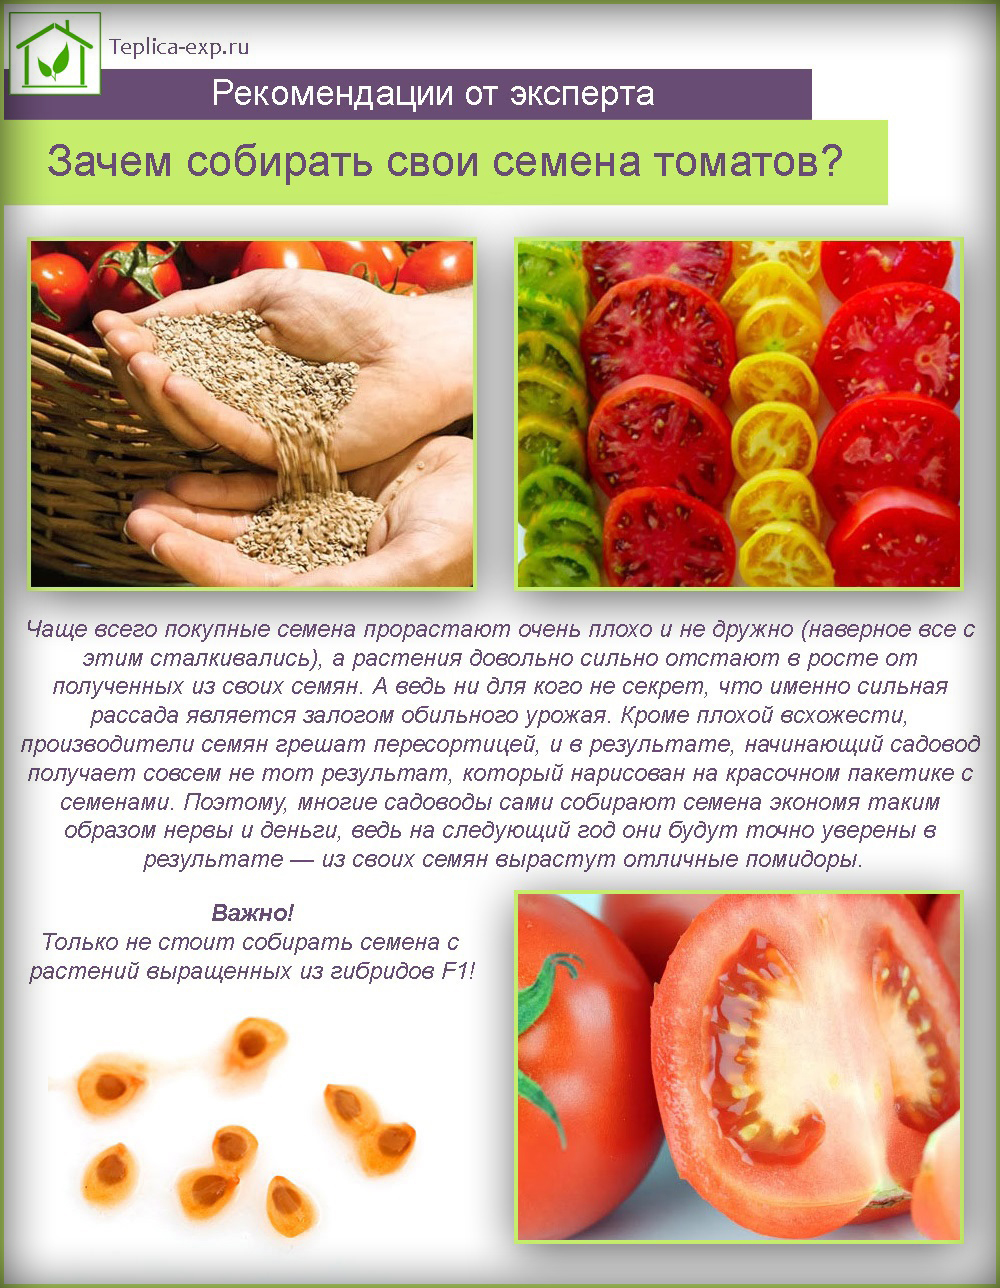 Заготовка семян в домашних условиях 508